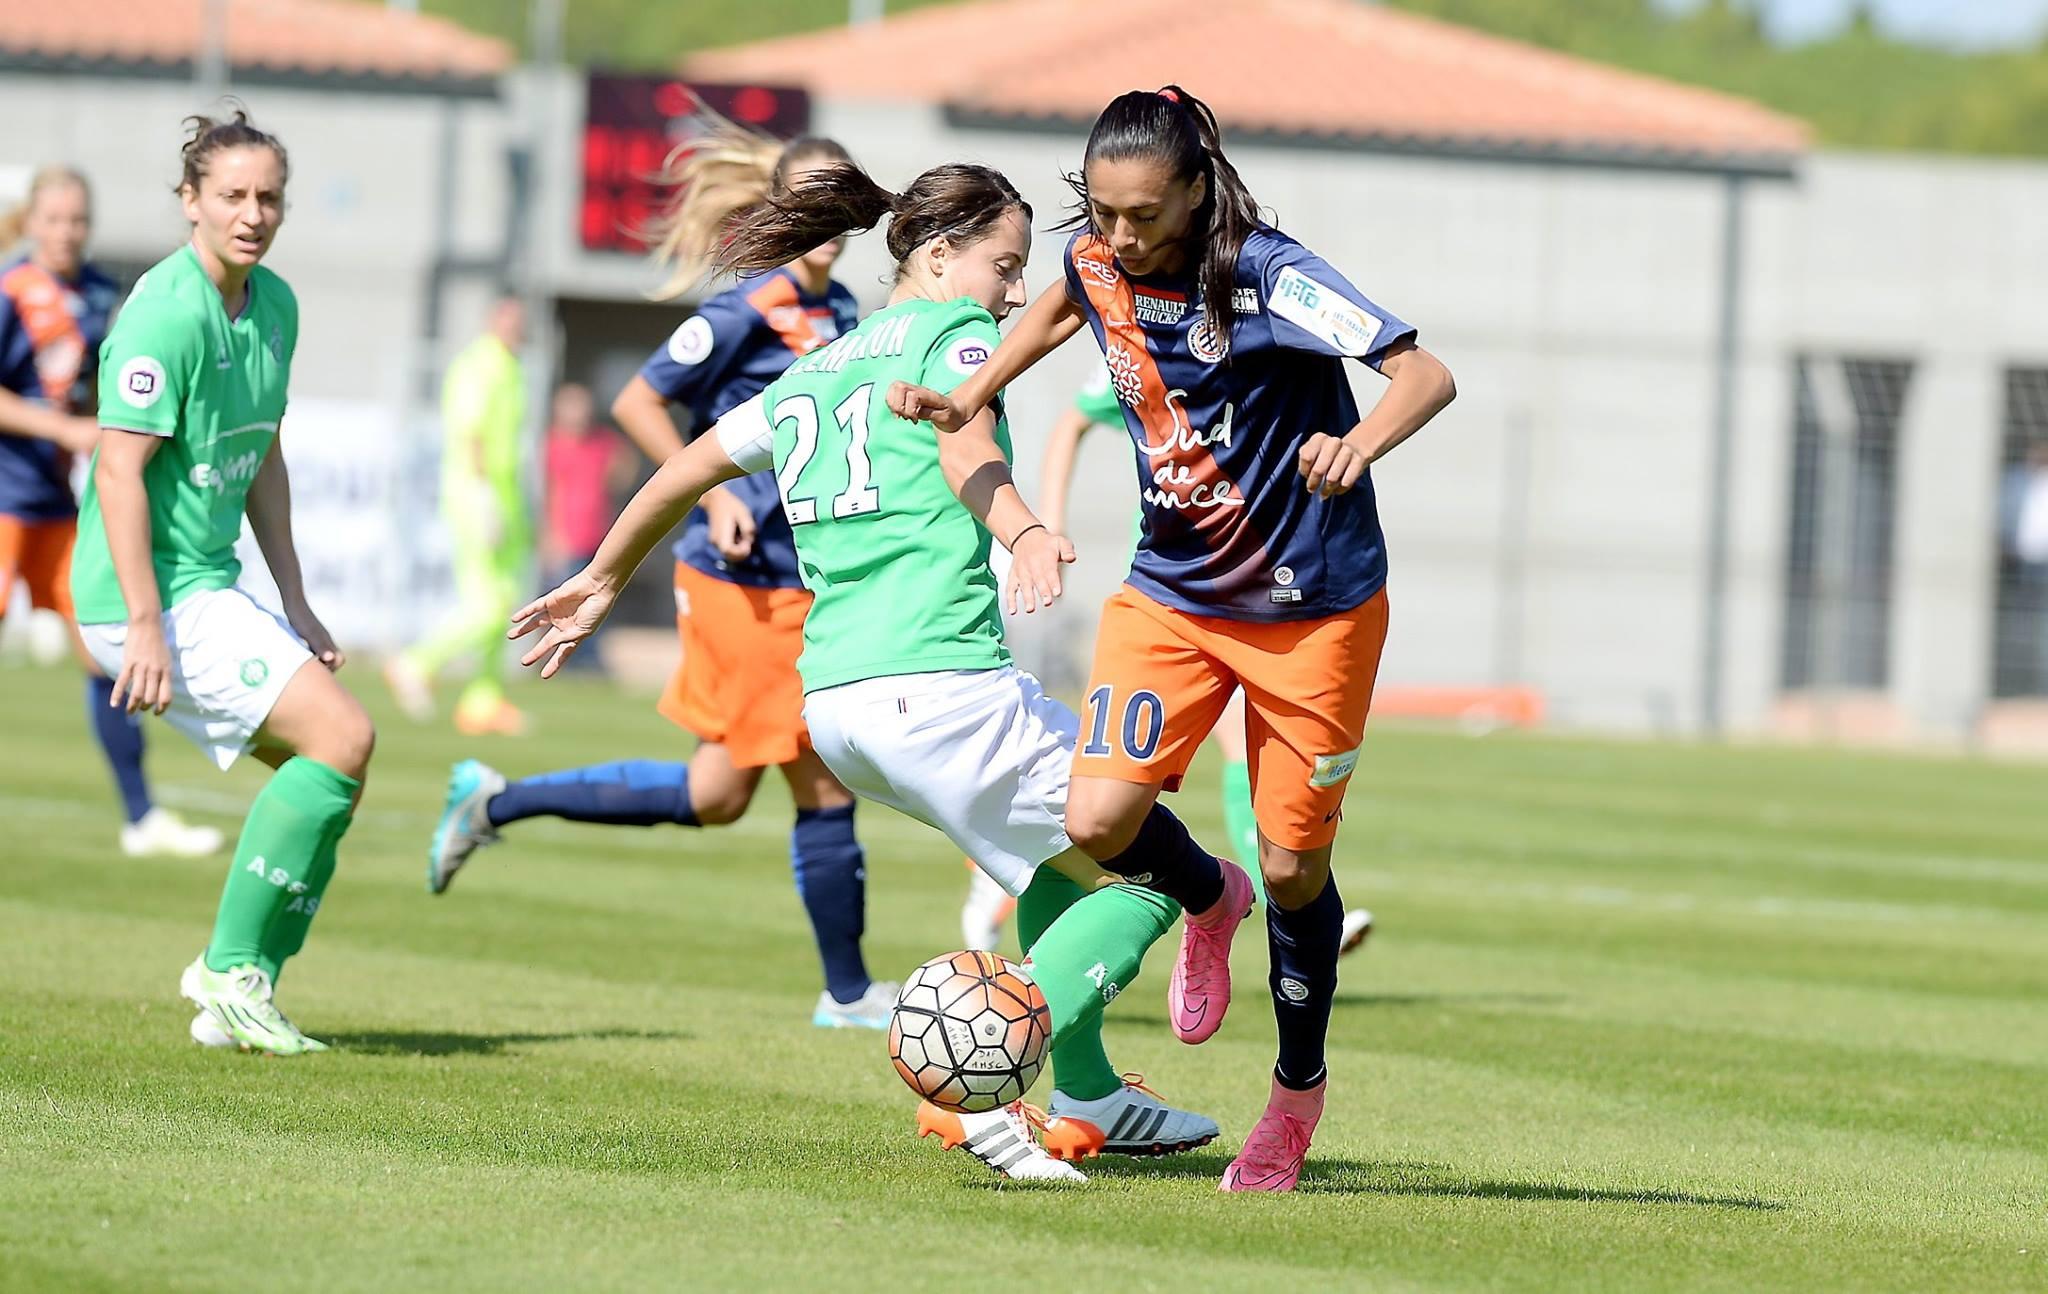 La Montpelliéraine Andressa Alves lors du match aller face à Saint-Etienne (photo MHSC)